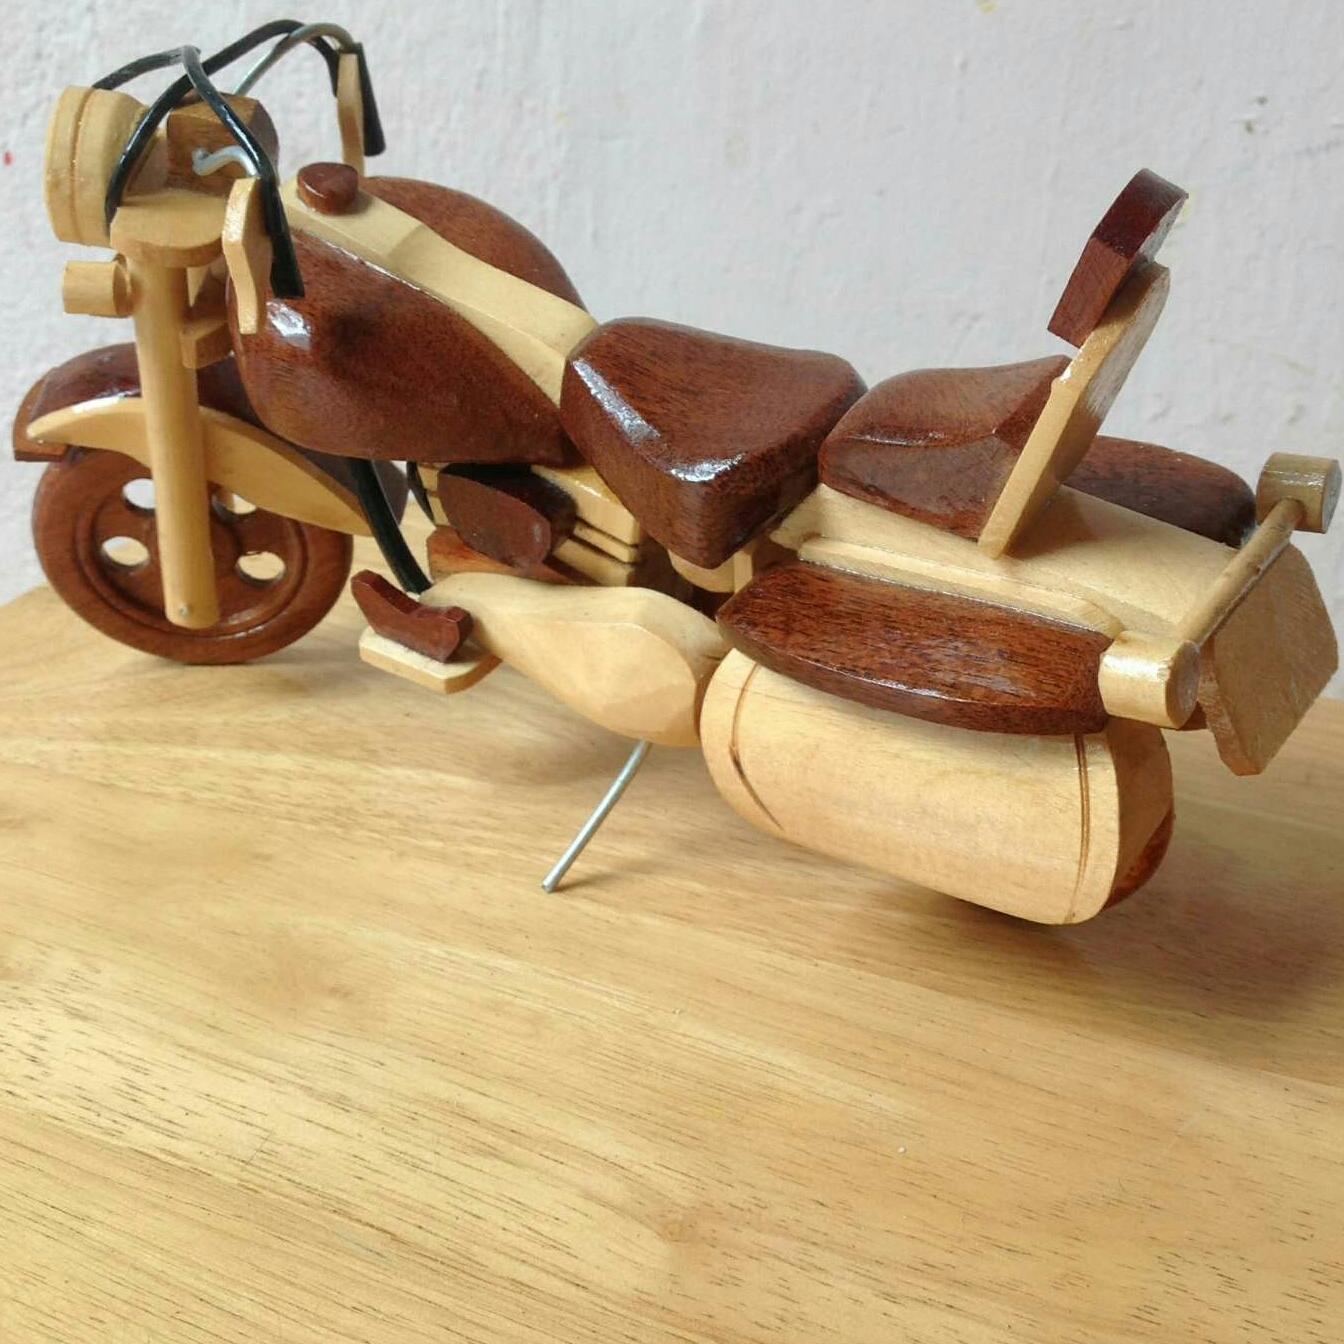 Mua xe mô hình mô tô bằng gỗ mỹ nghệ